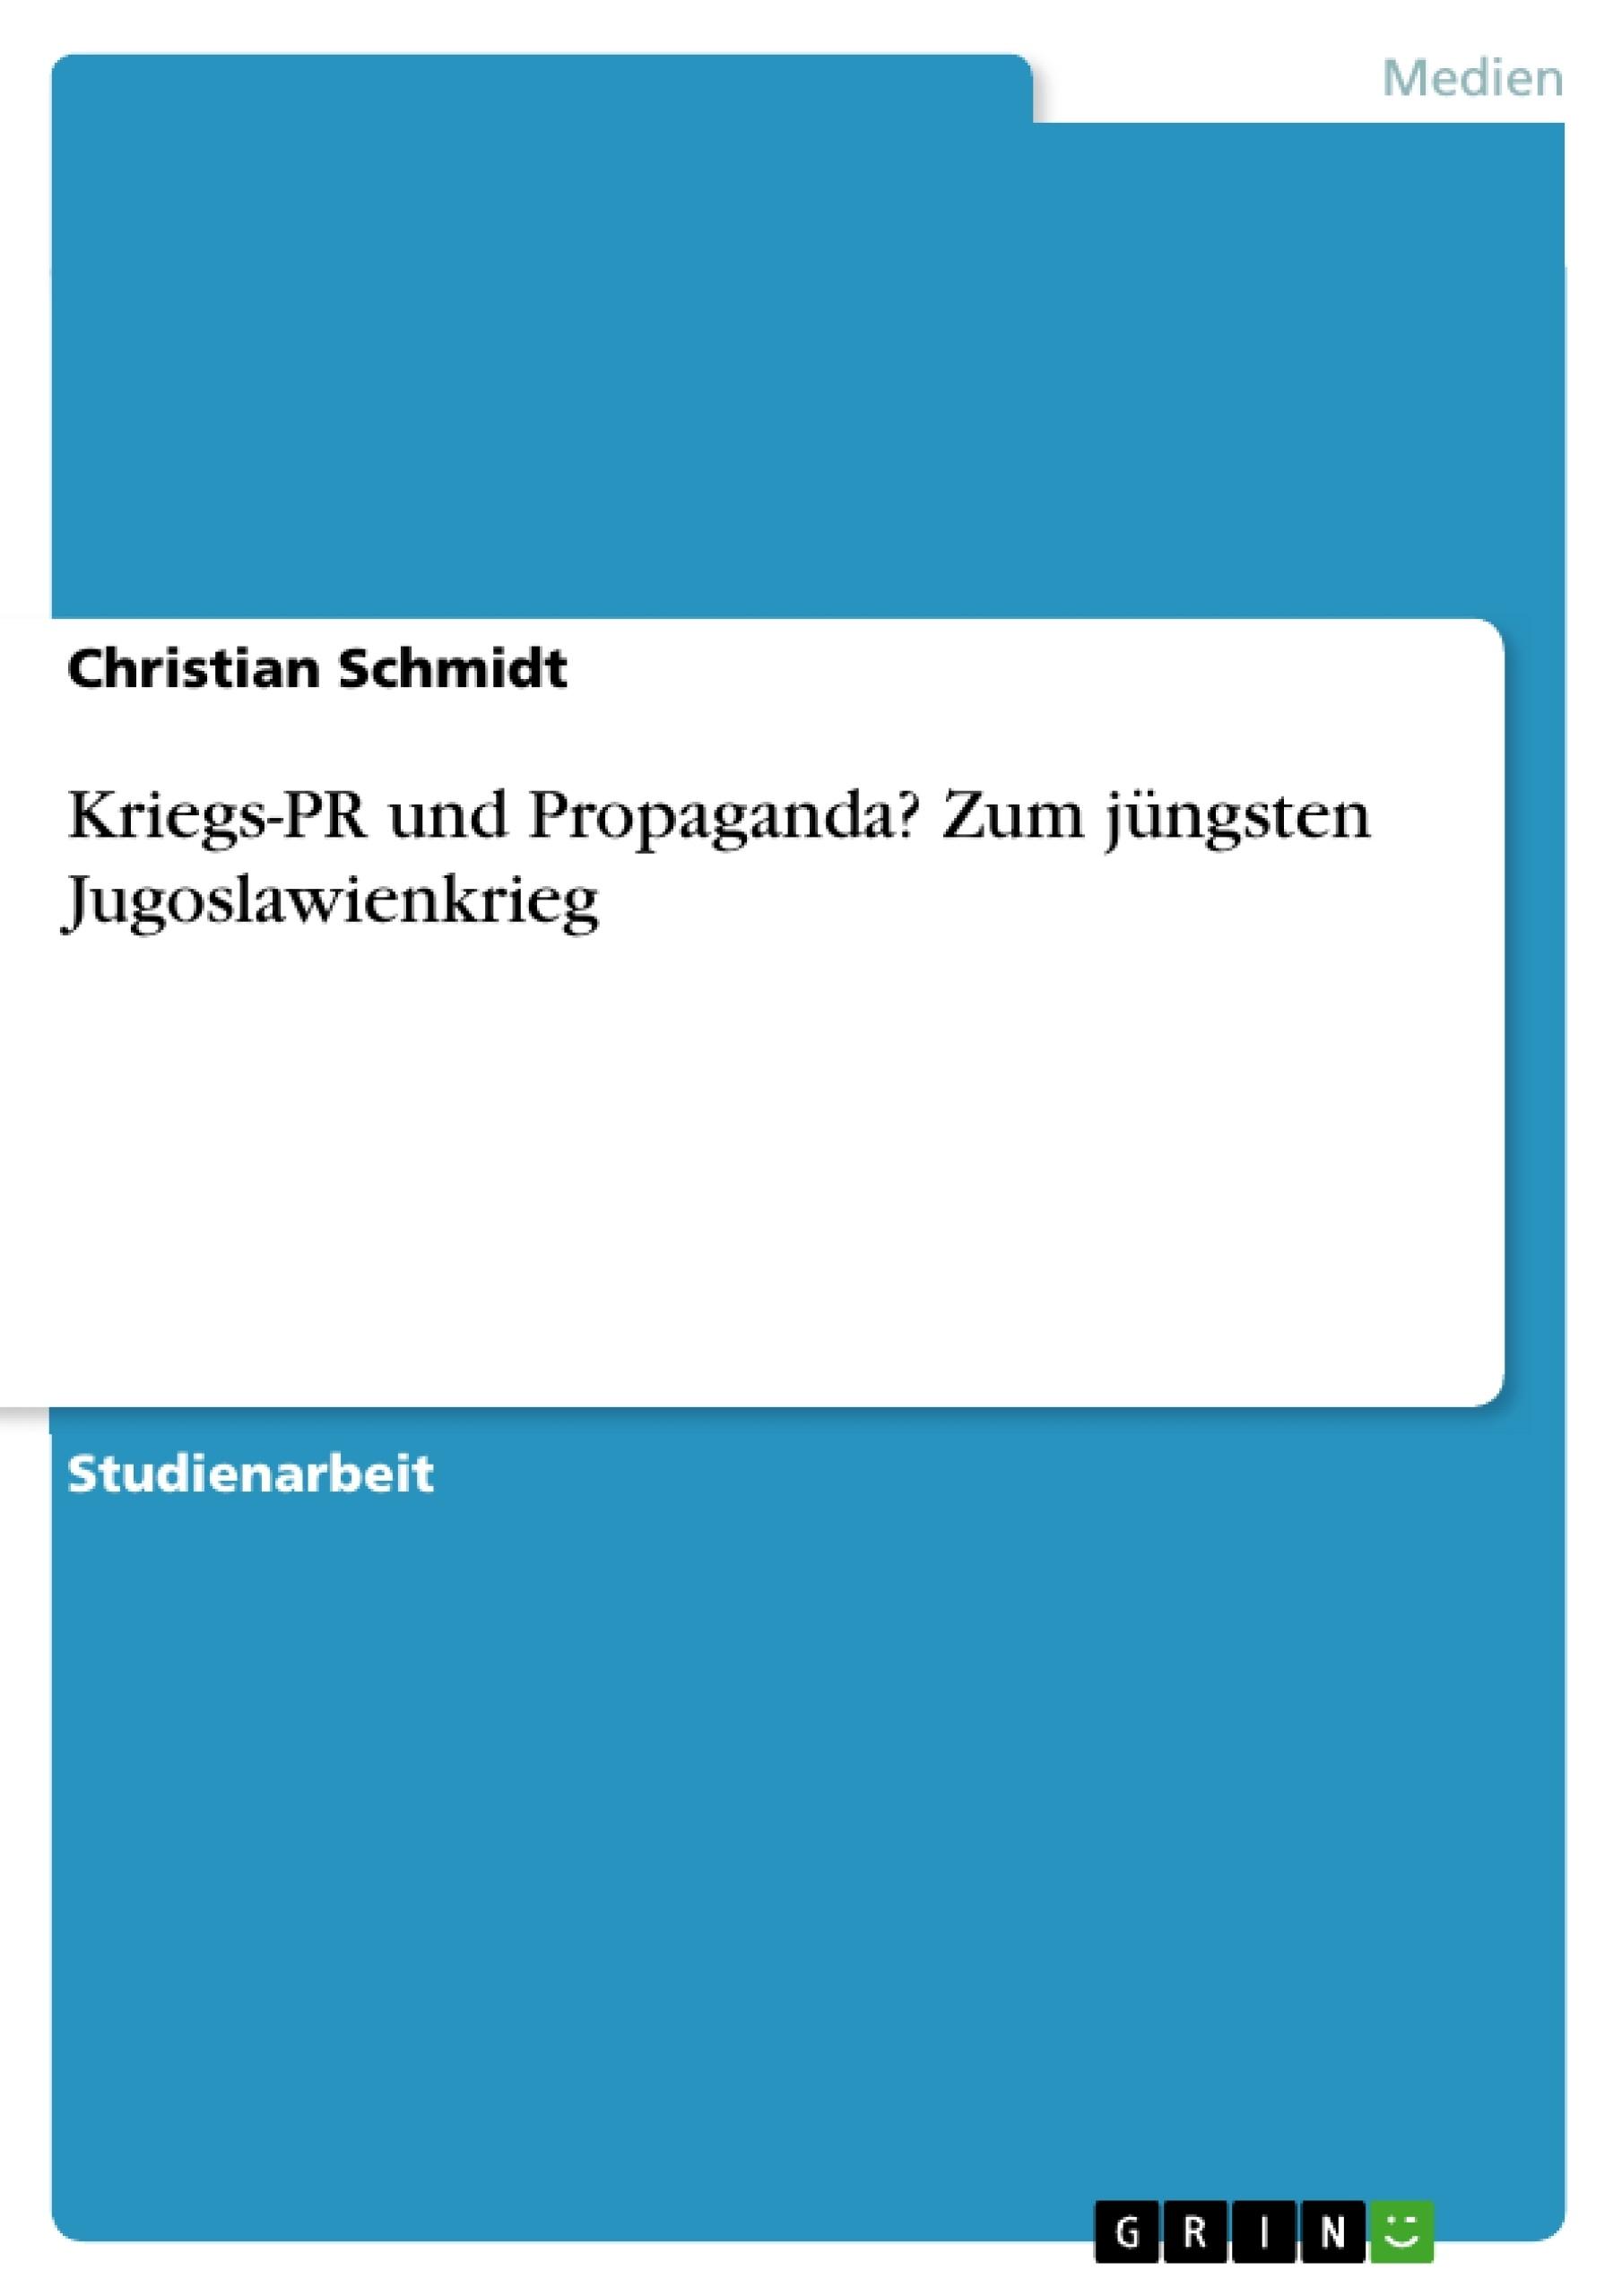 Titel: Kriegs-PR und Propaganda? Zum jüngsten Jugoslawienkrieg